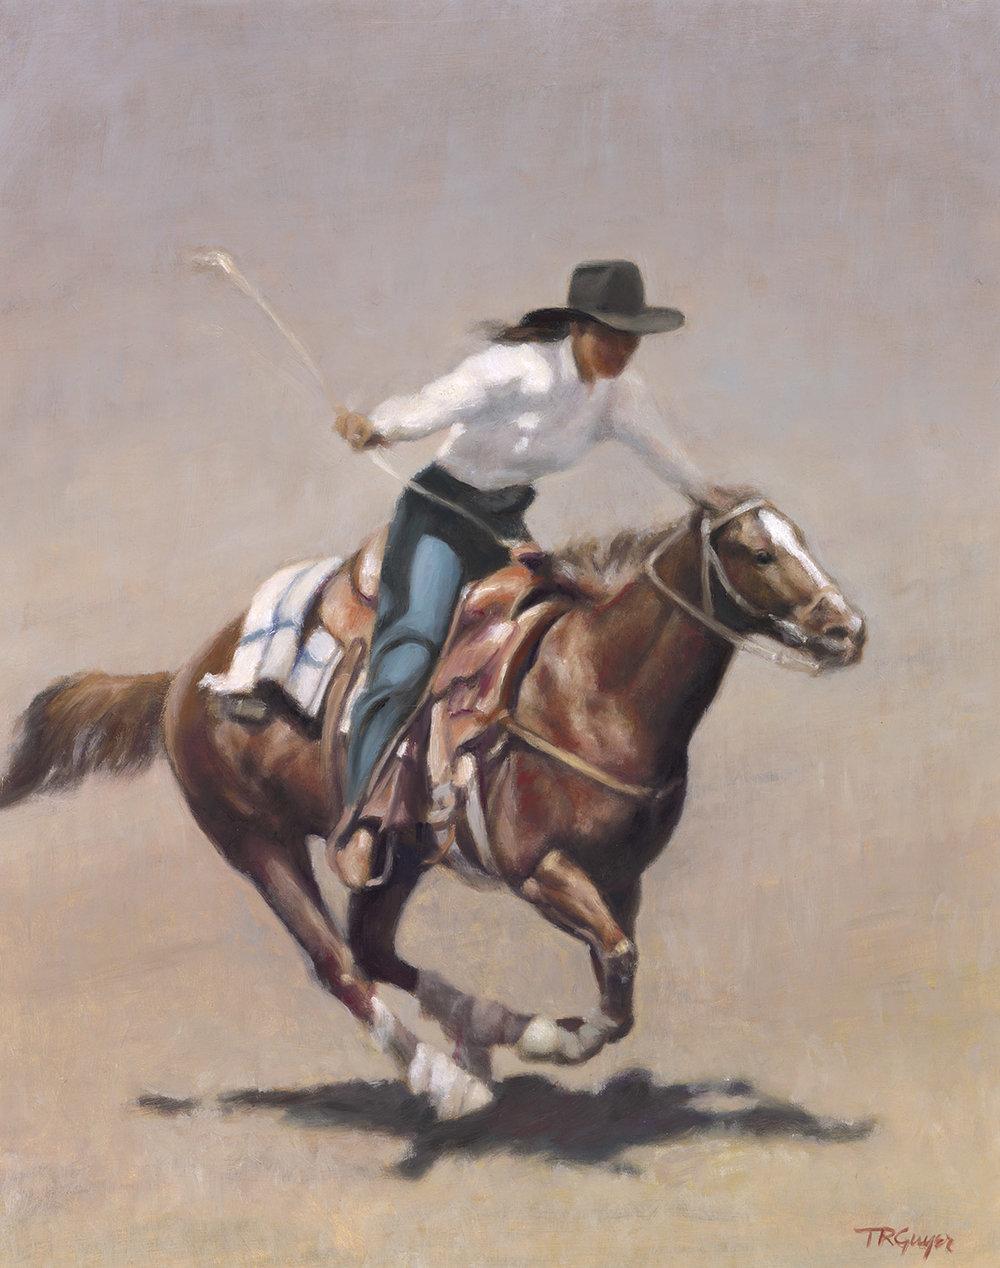 Barrel Racer, Salinas Rodeo